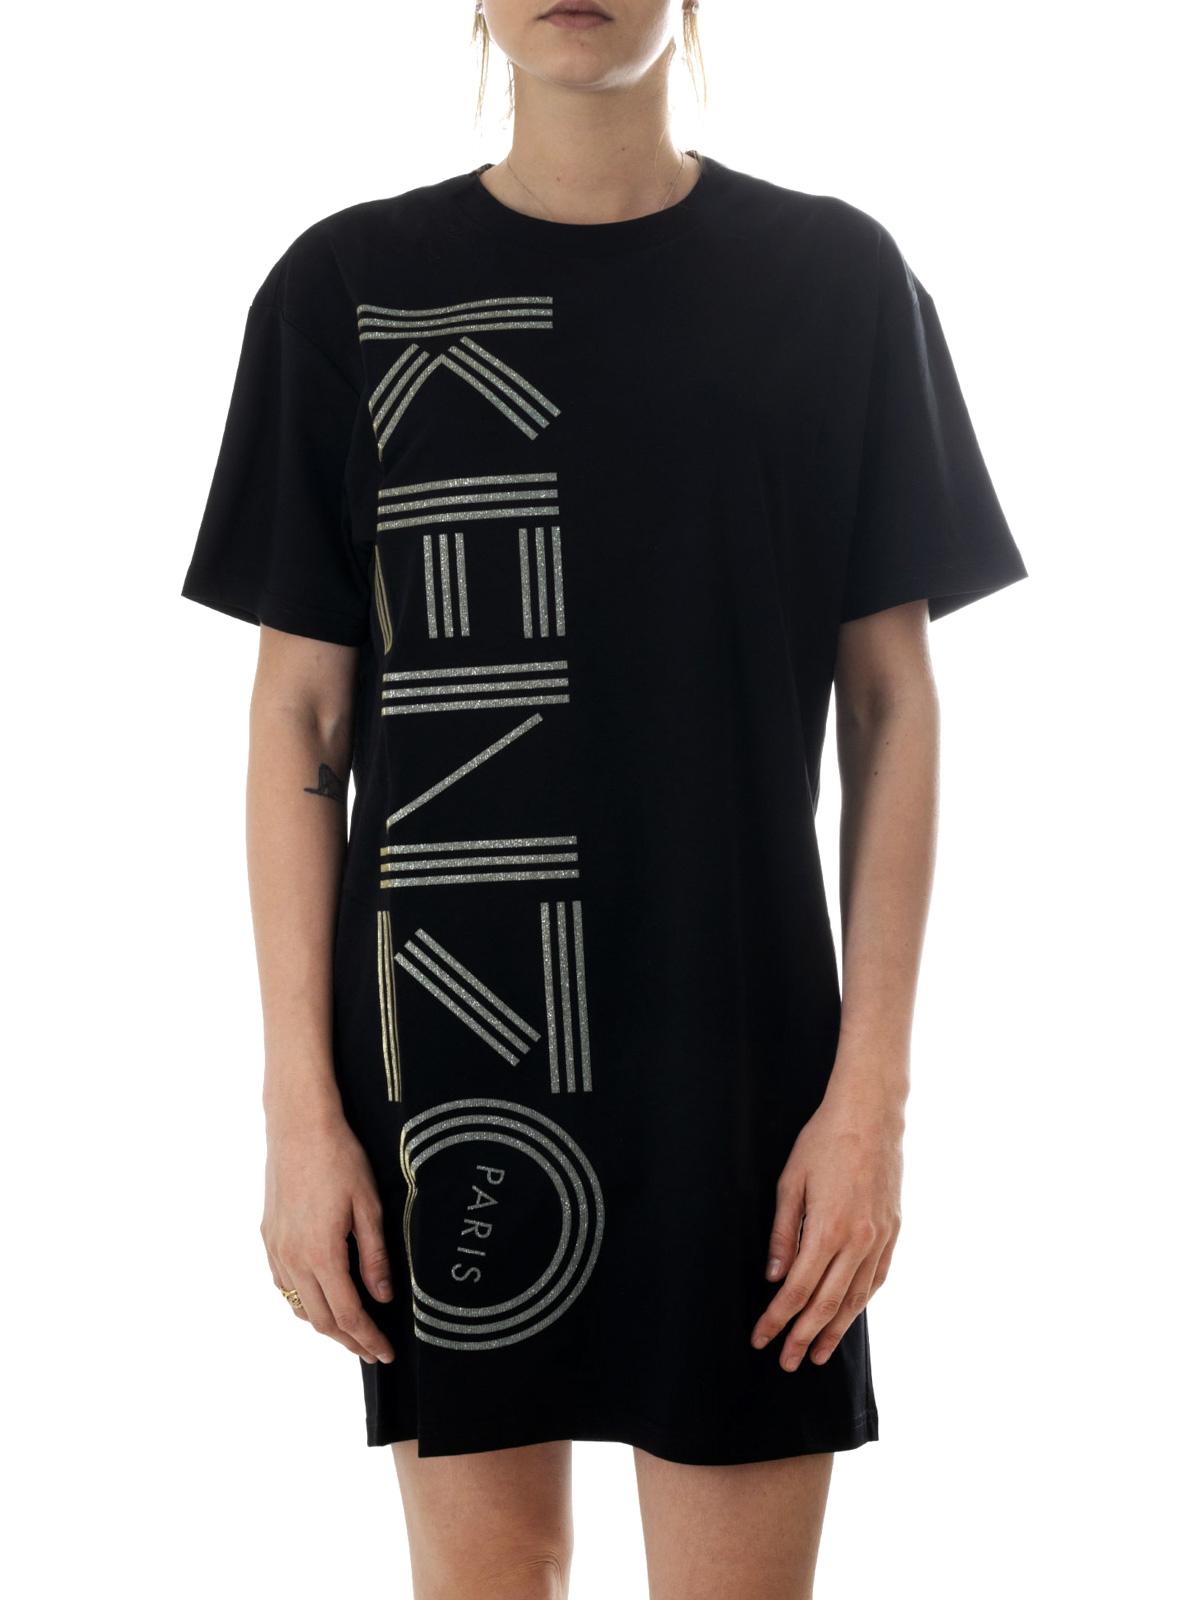 Kenzo - Kurzes Kleid - Schwarz - Kurze Kleider - F18RO18